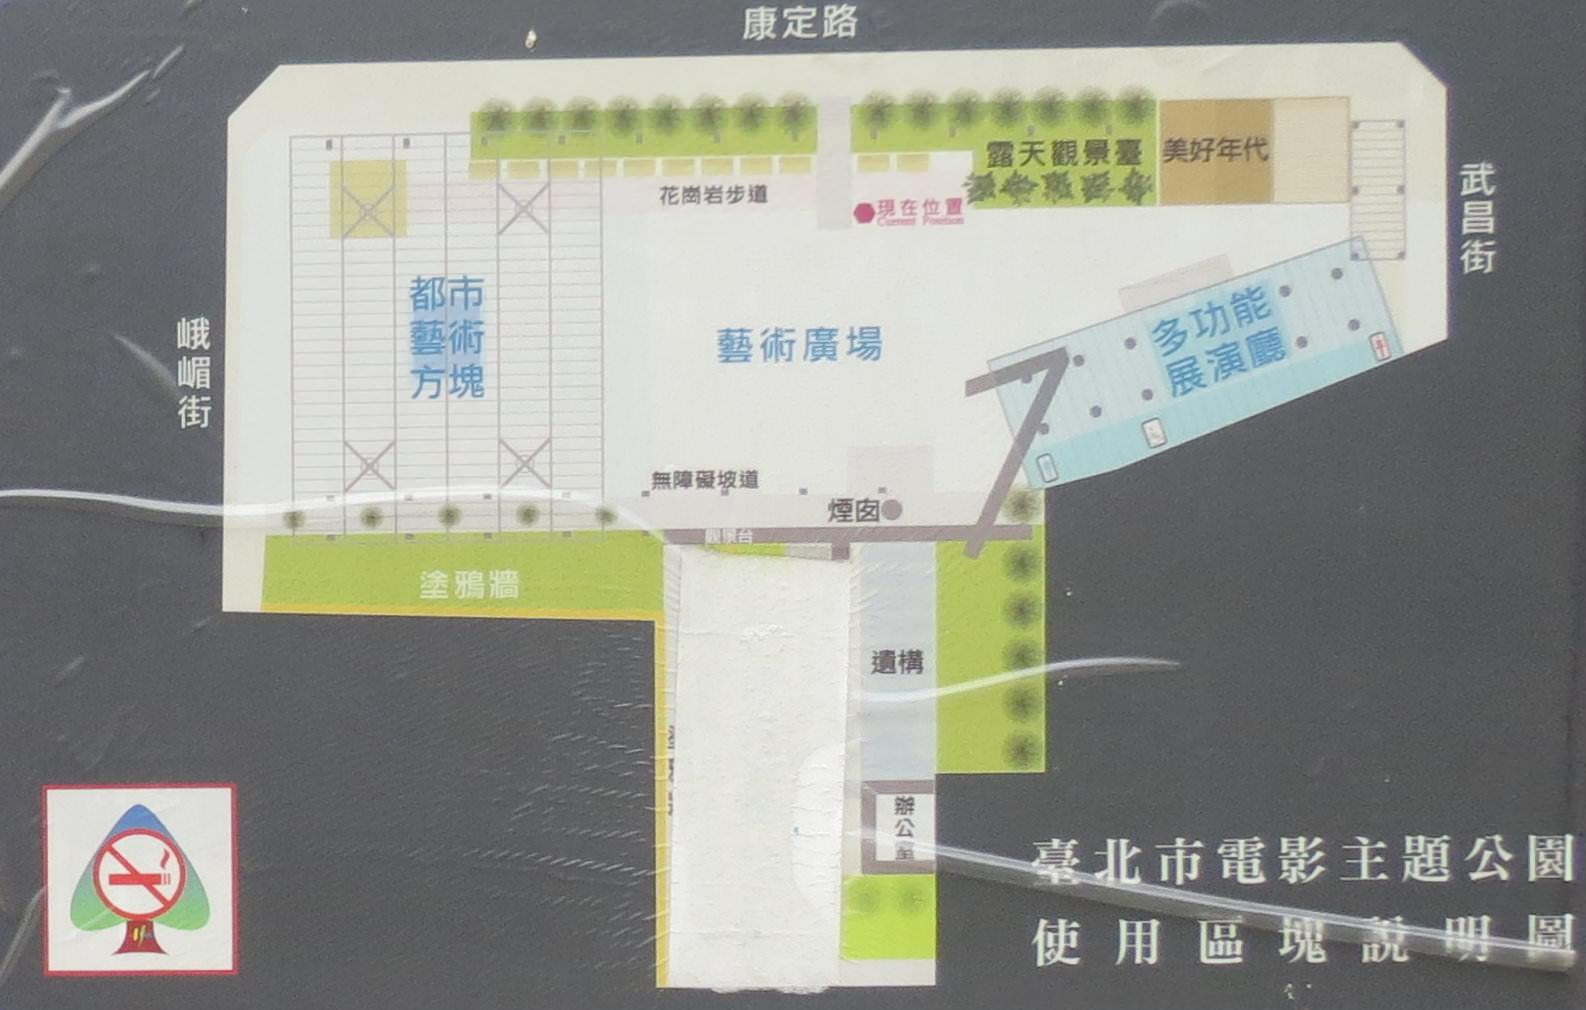 臺北市電影主題公園(Taipei Cinema Park), 地圖/Map